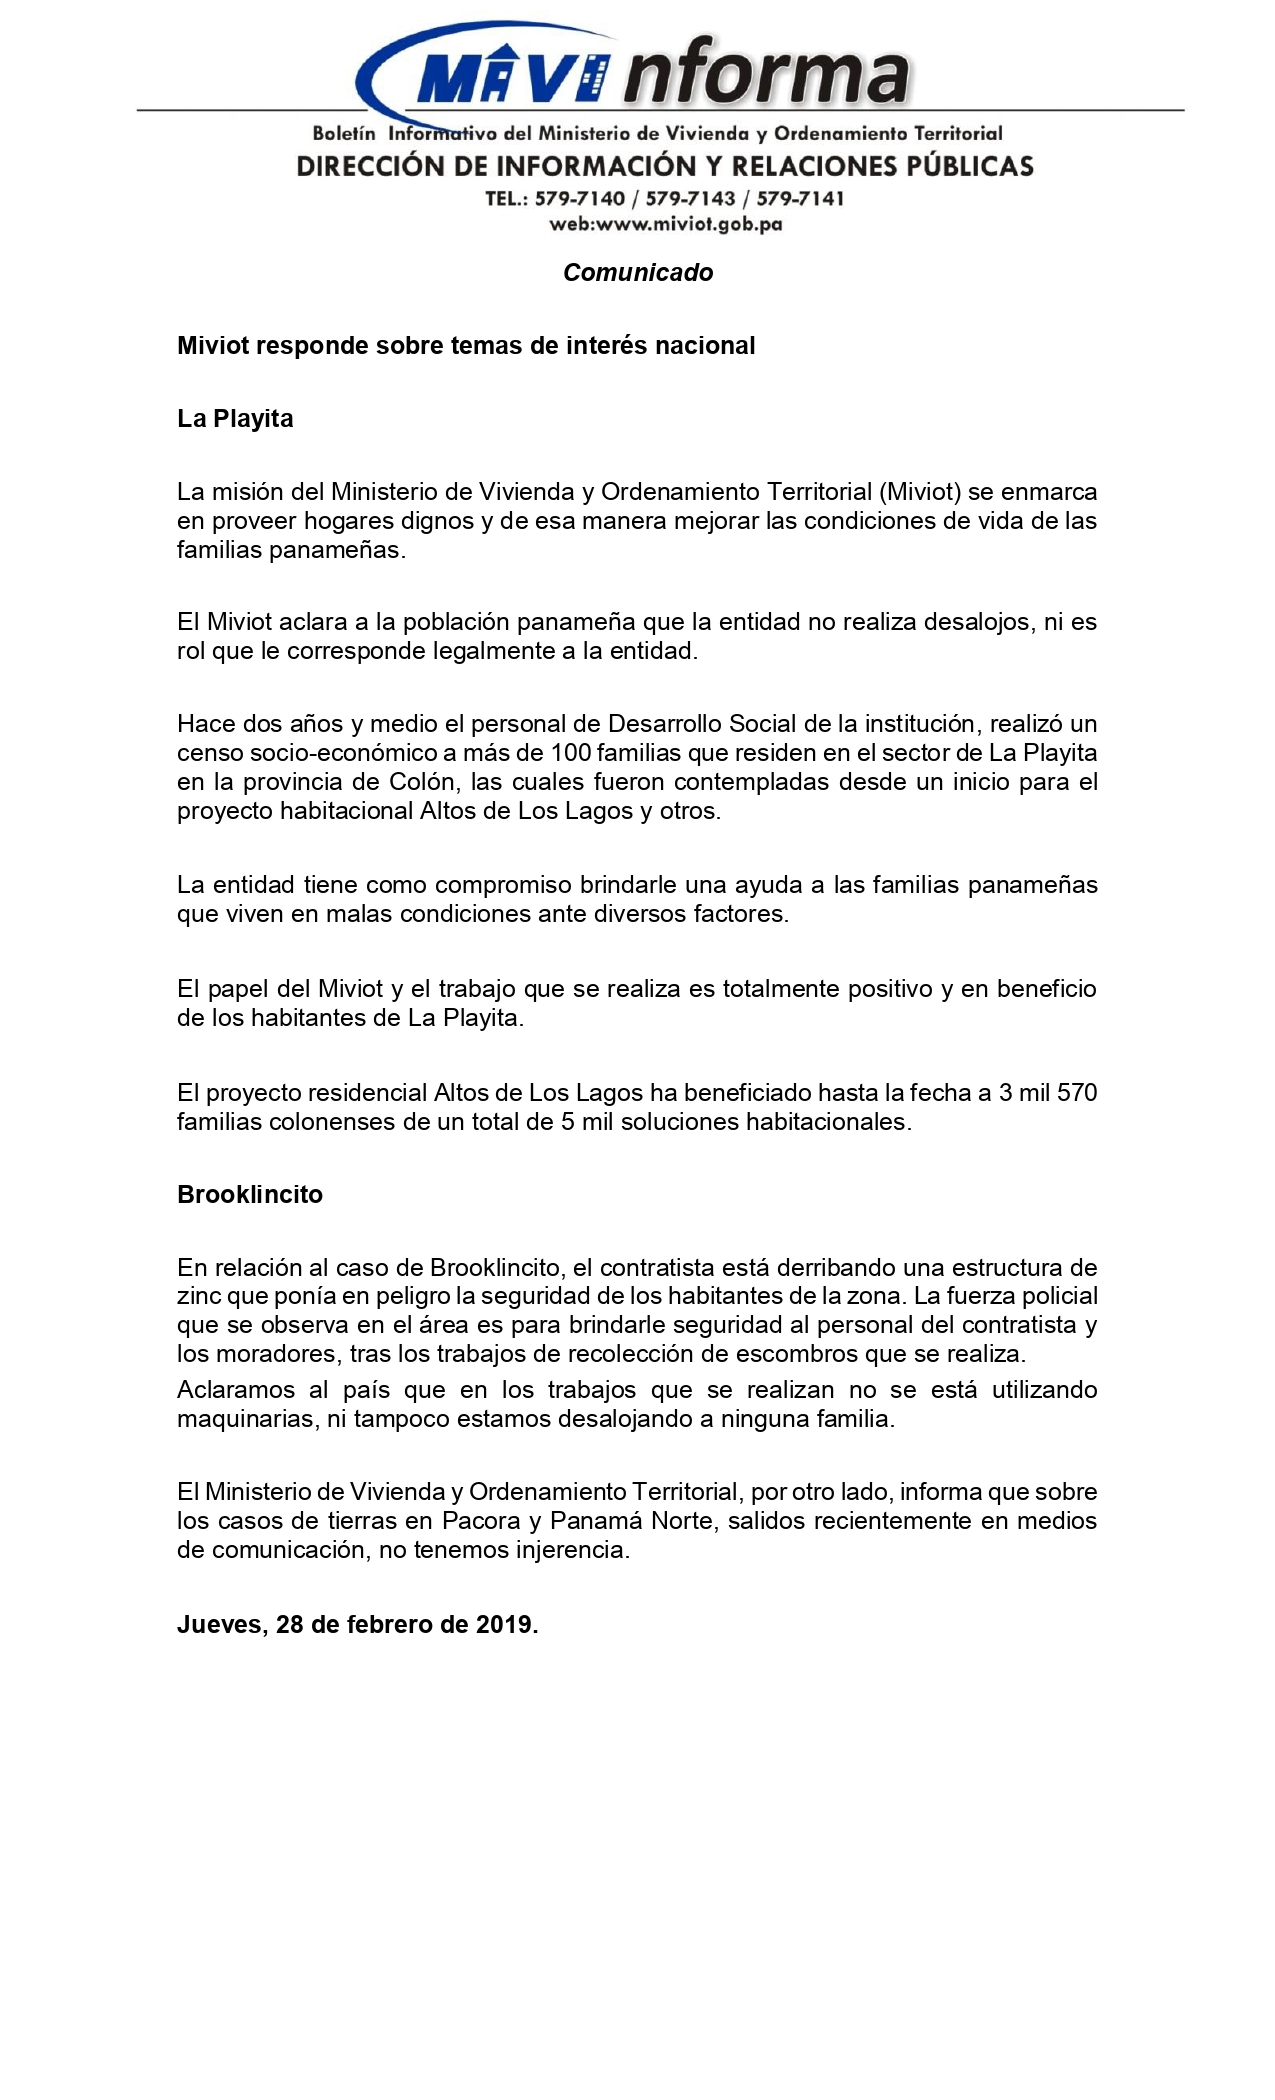 Comunicado sobre La Playita_pages-to-jpg-0001